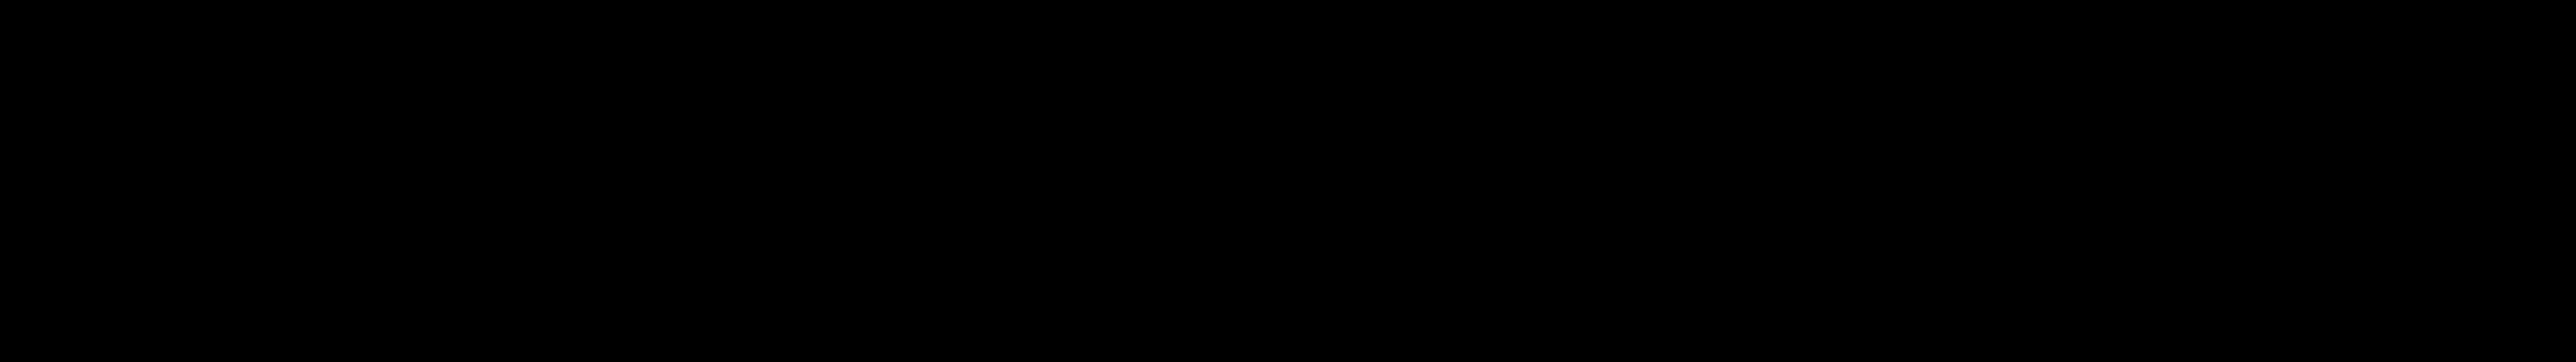 Lepomieli